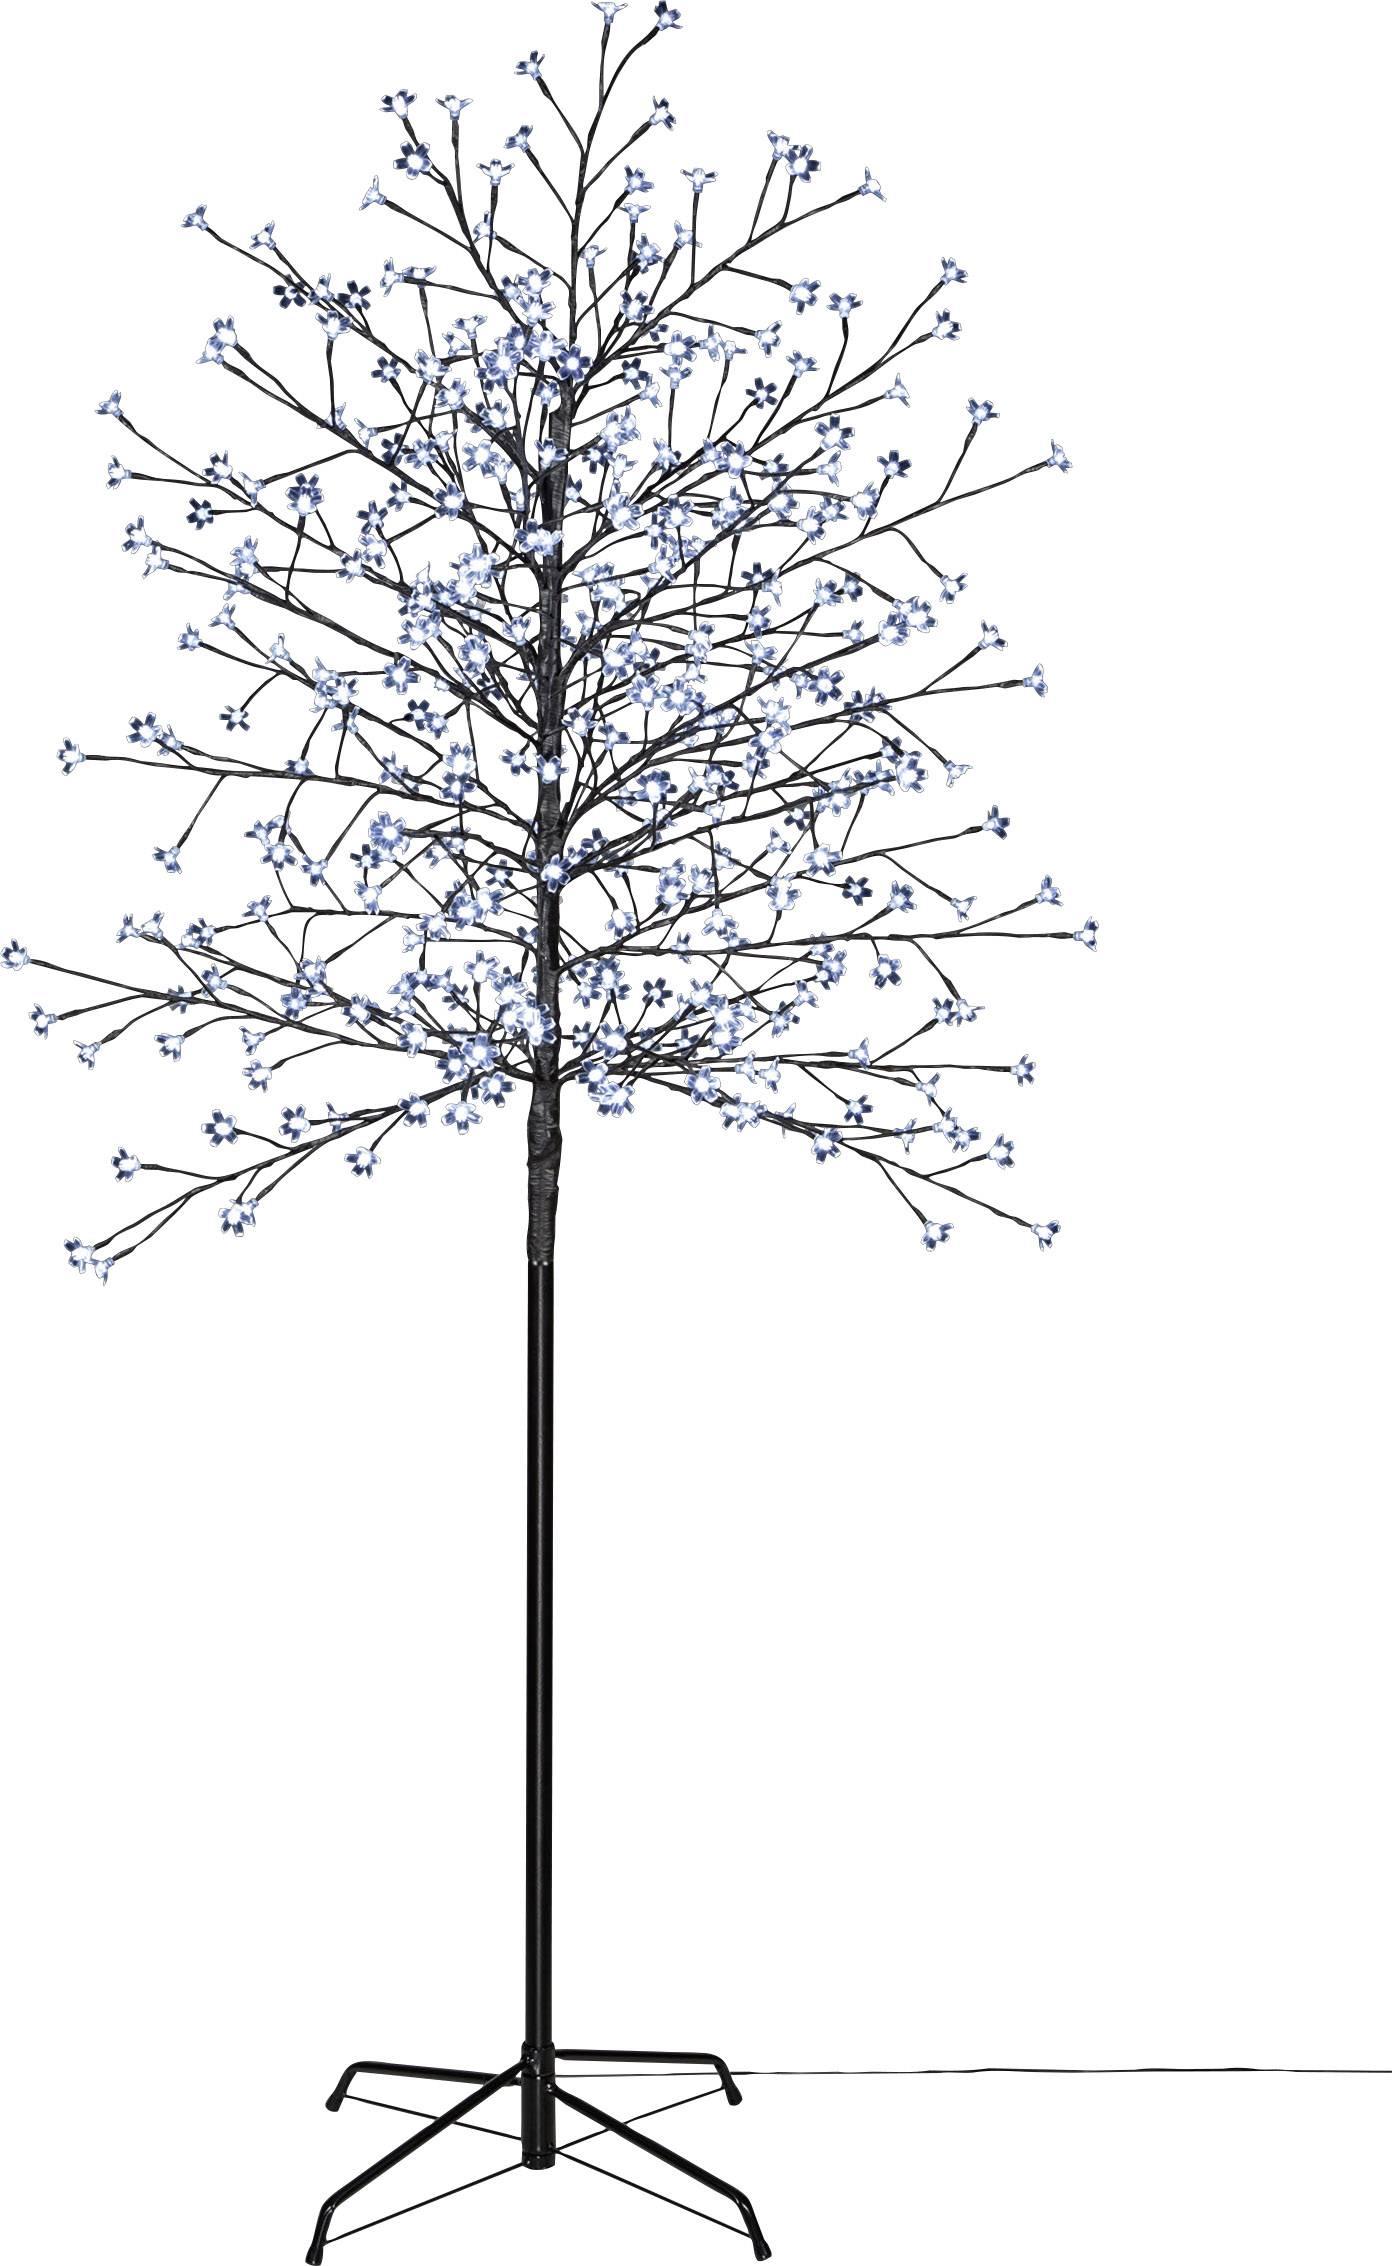 Venkovní LED strom Polarlite PCA-03-003, do sítě, hnědá, studená bílá